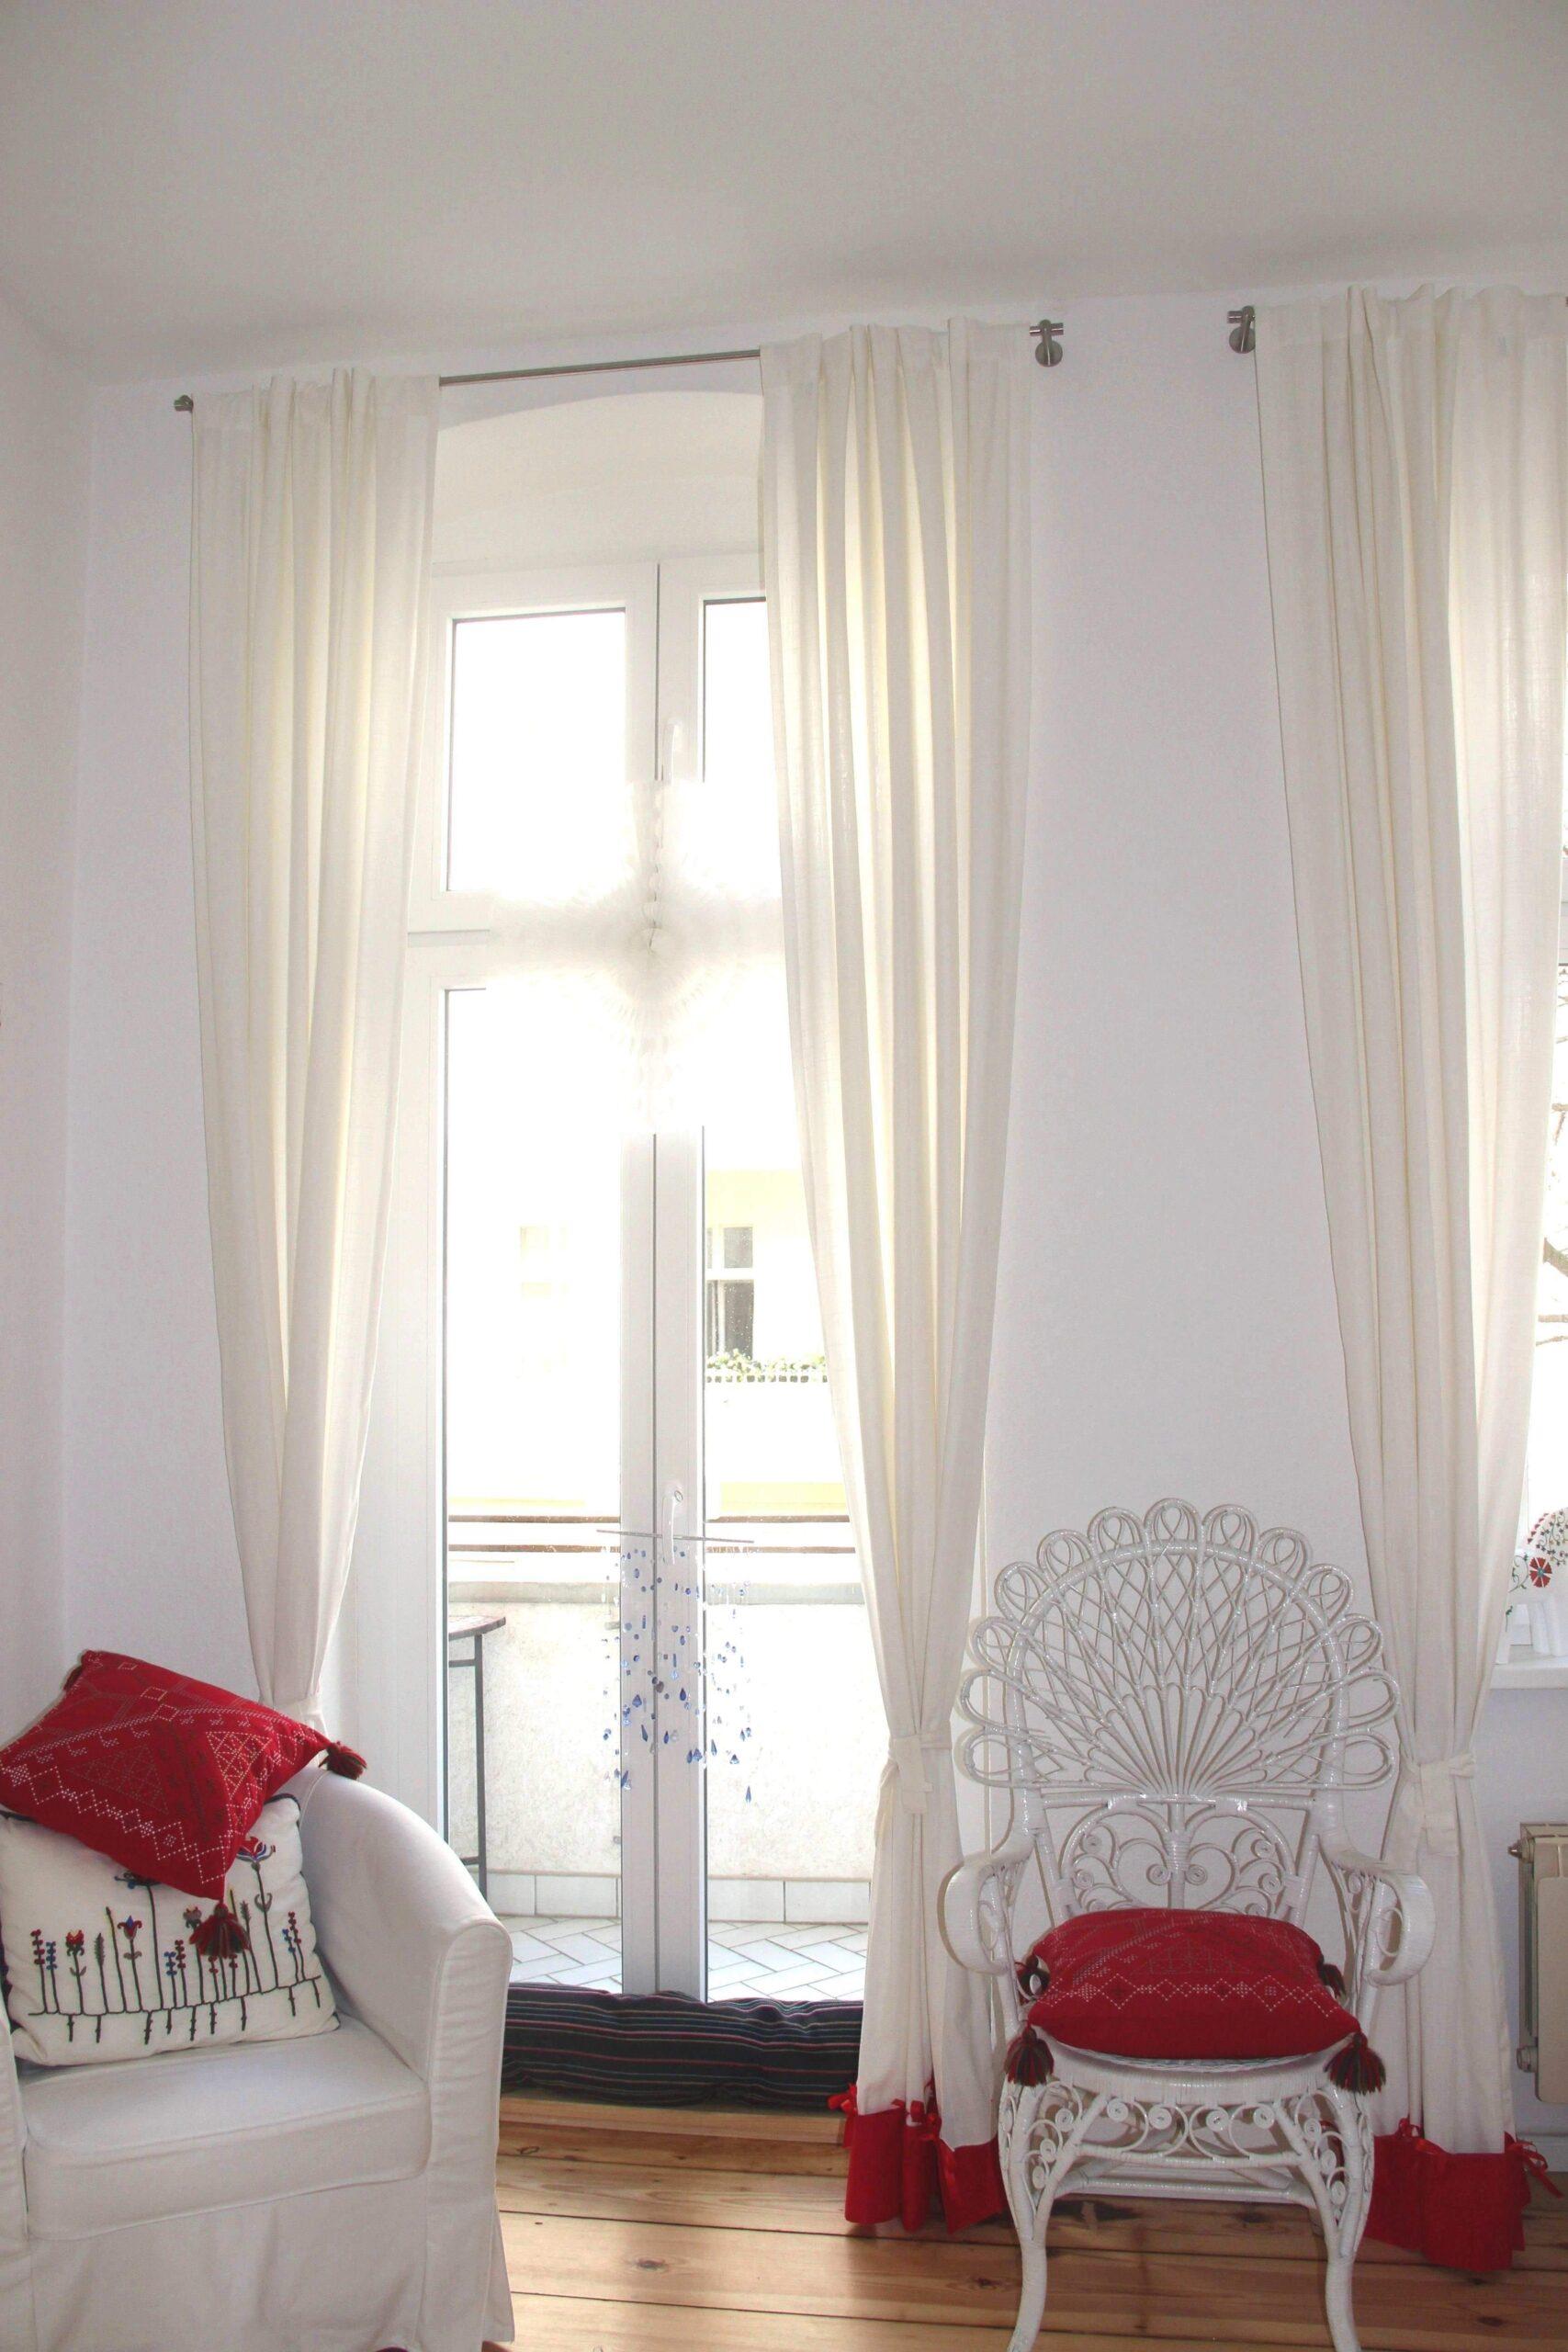 Full Size of Balkontür Gardine Gardinen Fur Balkontur Wohnzimmer Küche Für Die Schlafzimmer Fenster Scheibengardinen Wohnzimmer Balkontür Gardine